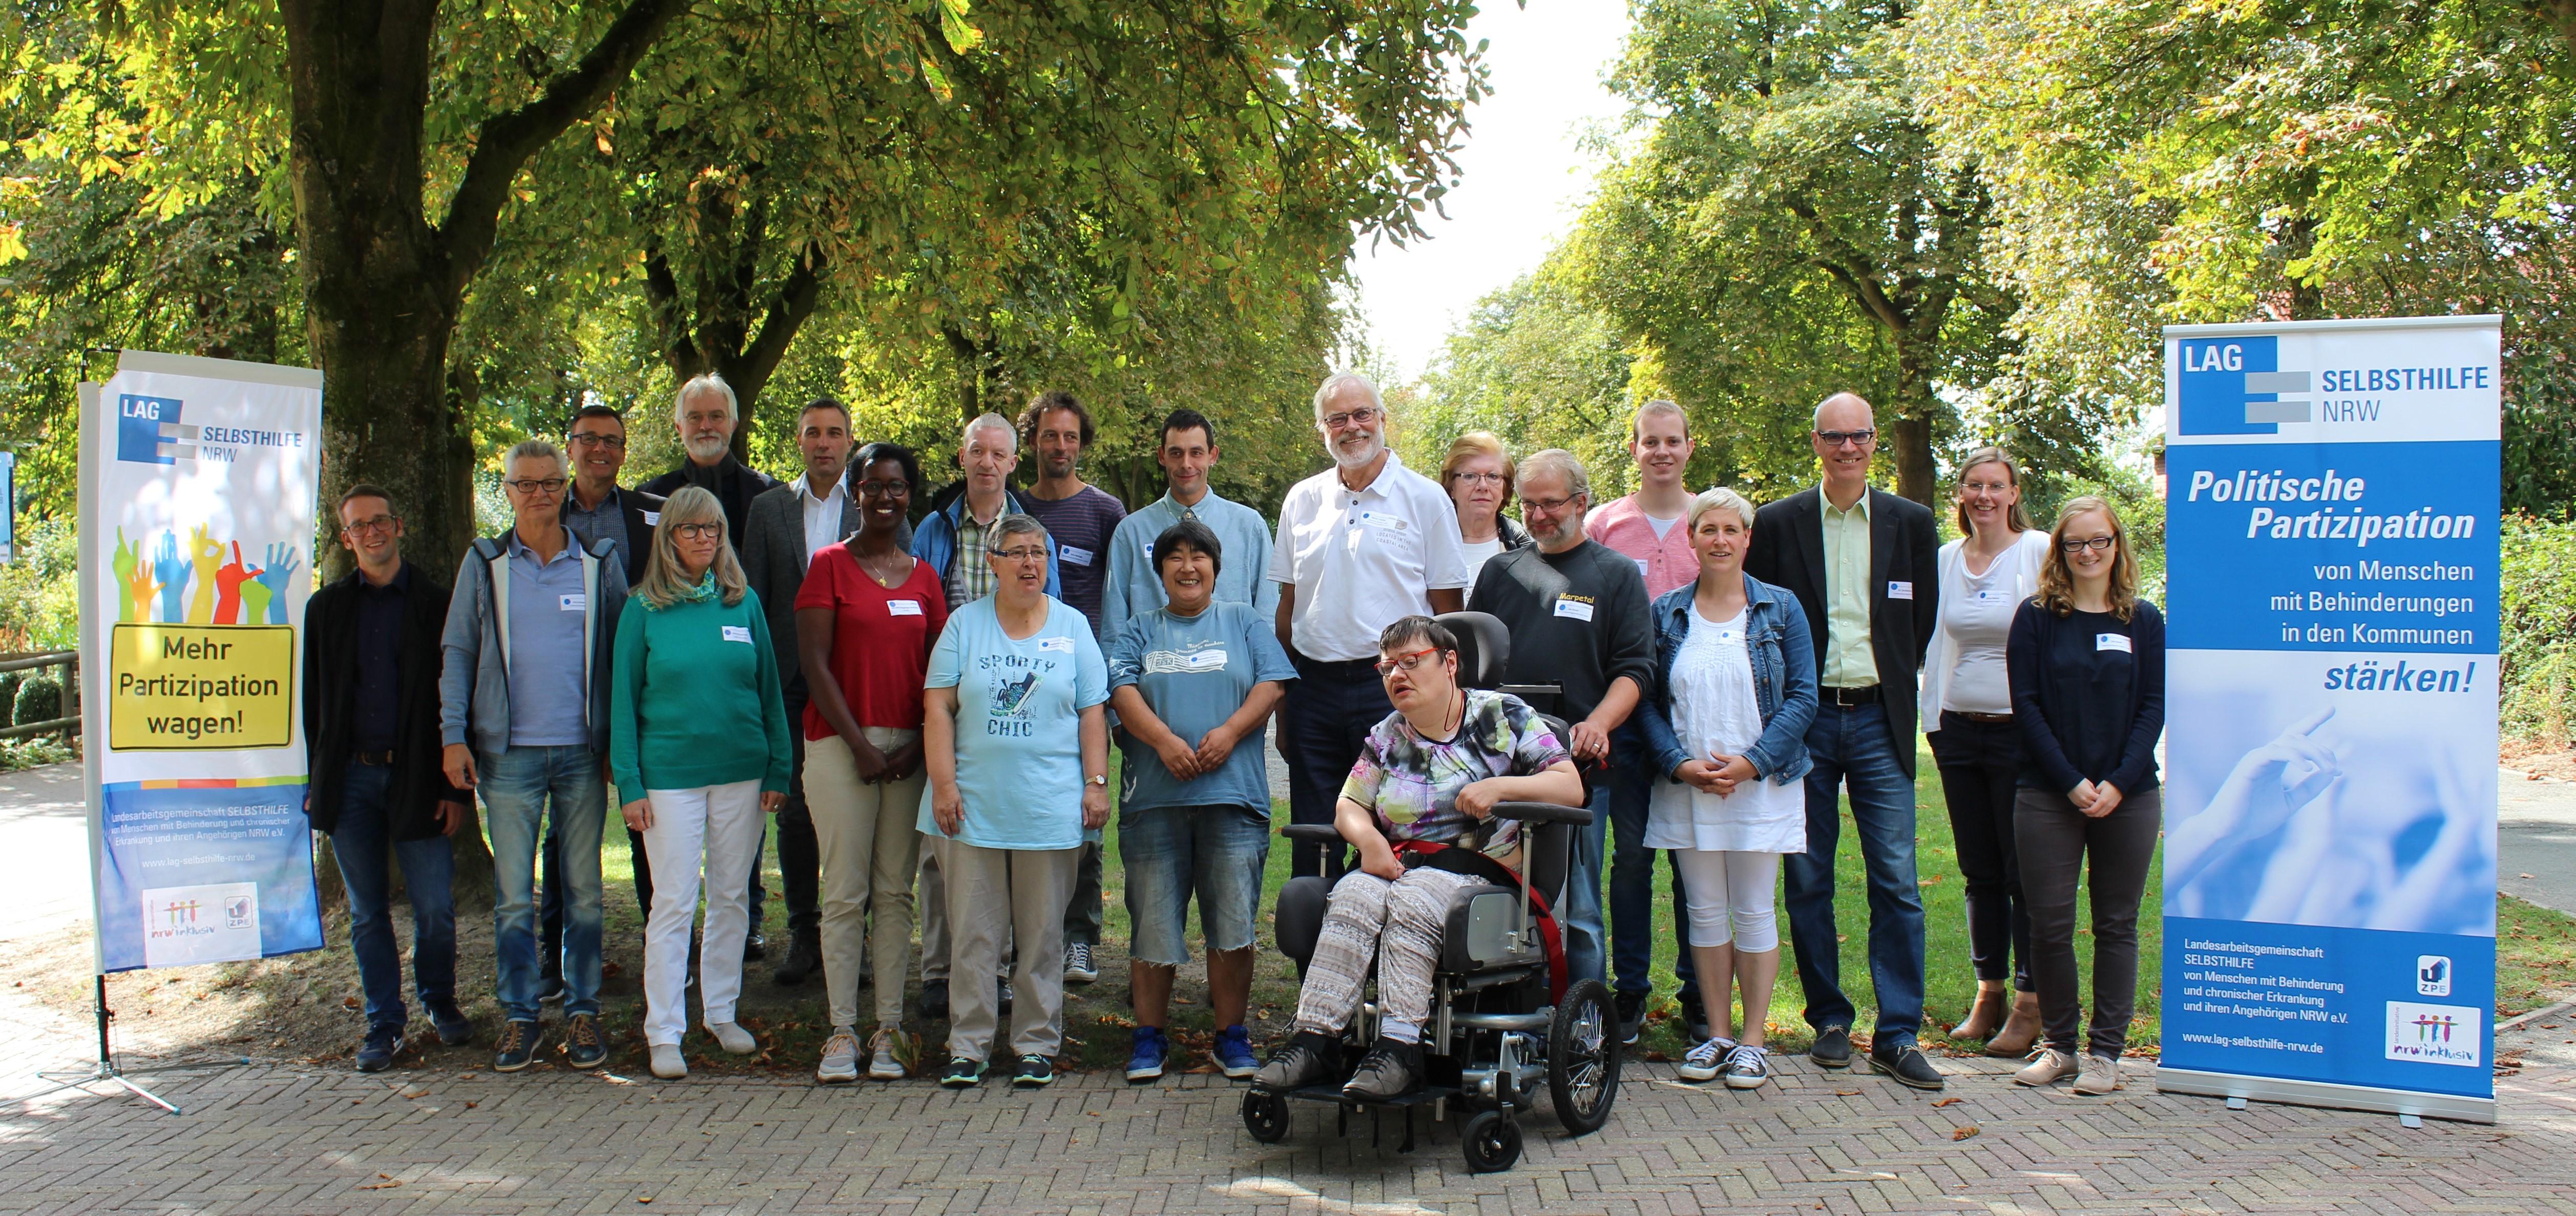 Die Teilnehmer*innen des Workshops in Lemgo